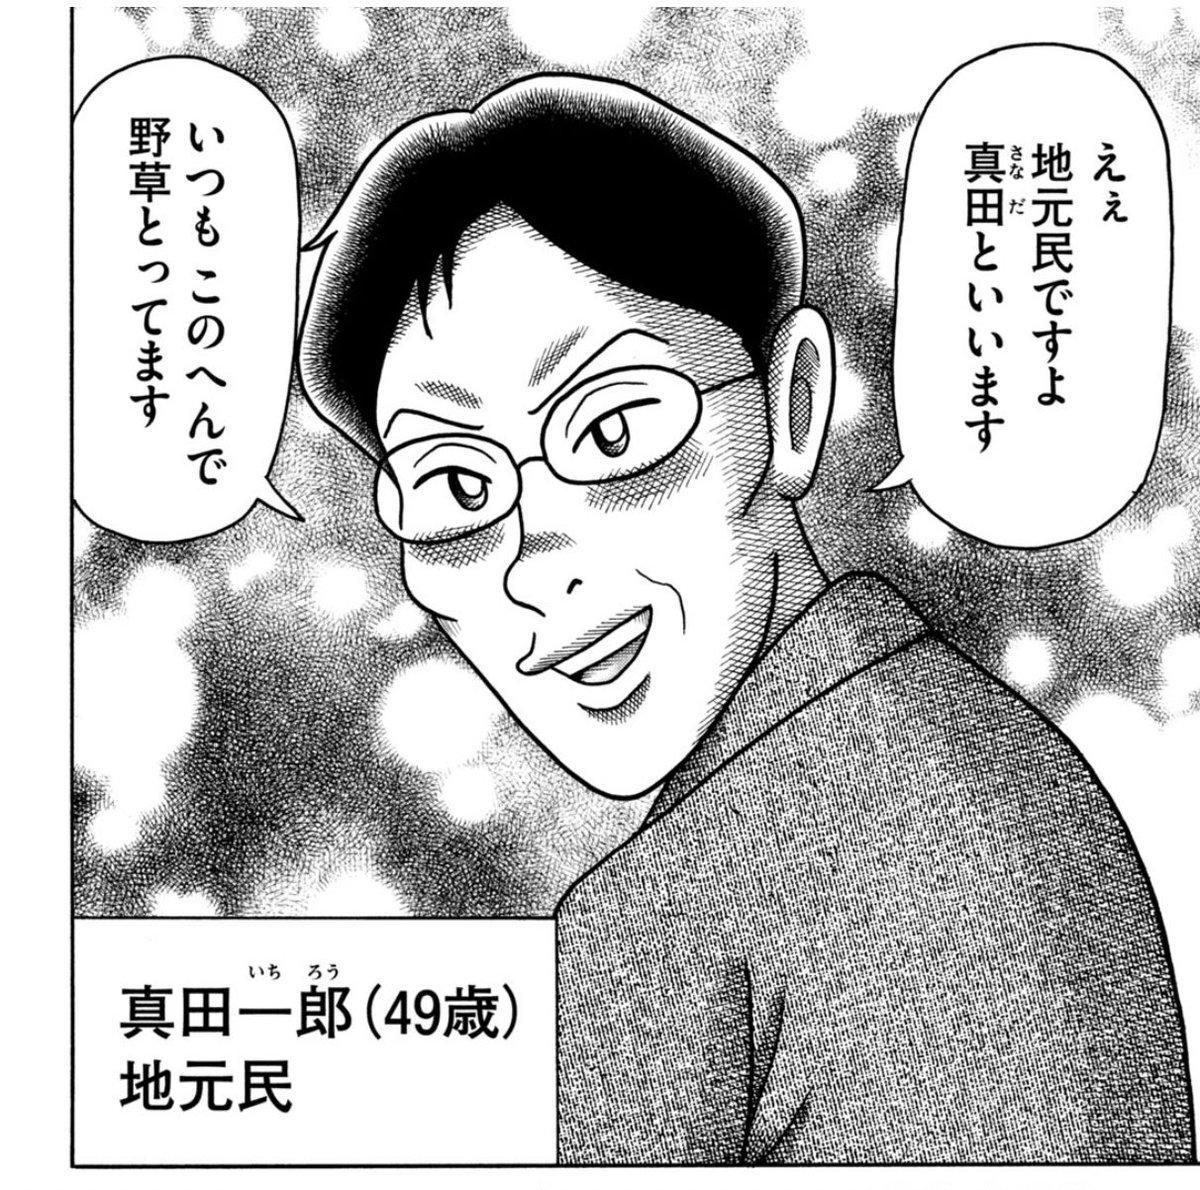 真田さん、「いつもこのへんで野草とってます」ってセリフの強キャラ感がすごいし、そもそも真田って名字からして強そうなんだよな…